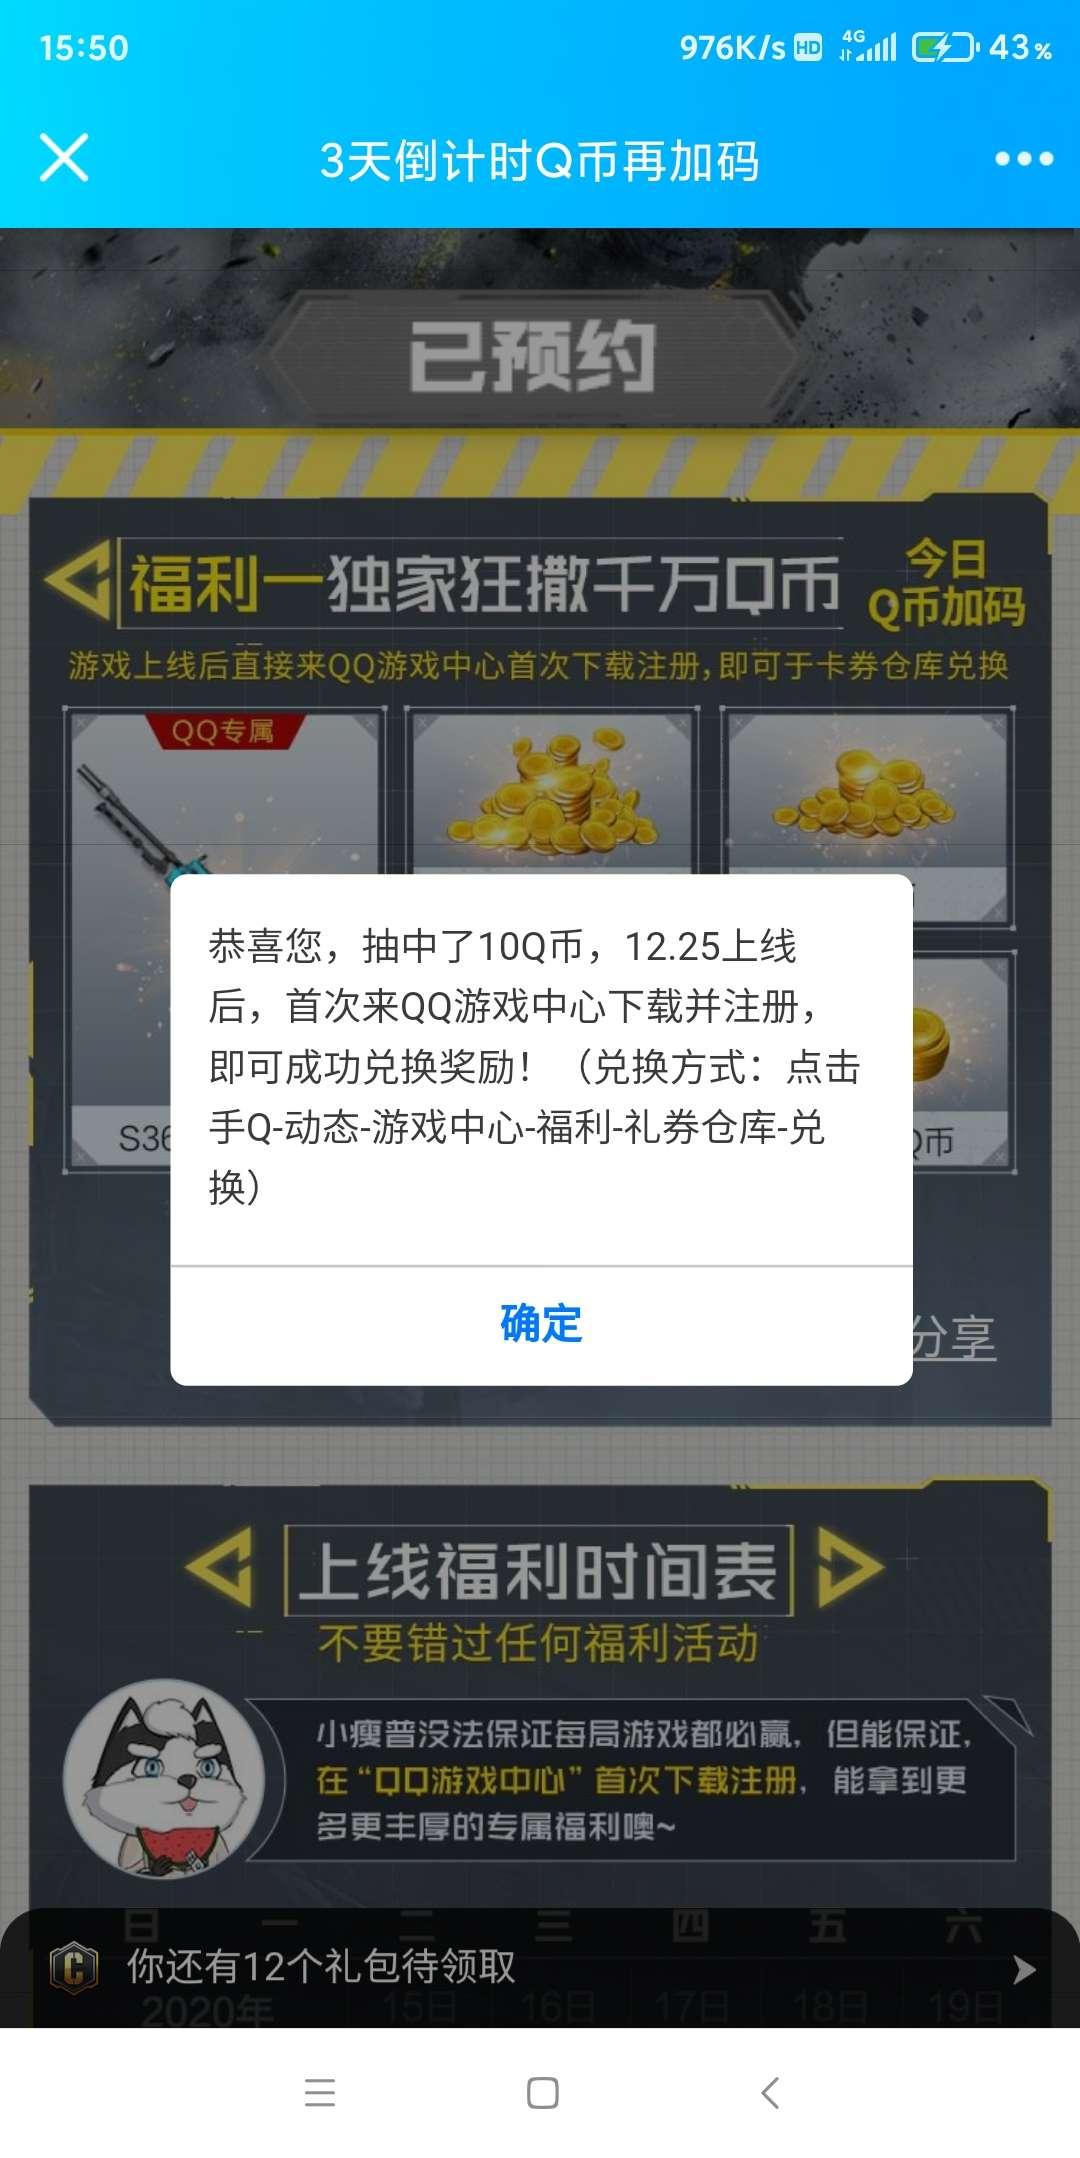 图片[2]-使命召唤加码抽Q币(新一期)-老友薅羊毛活动线报网